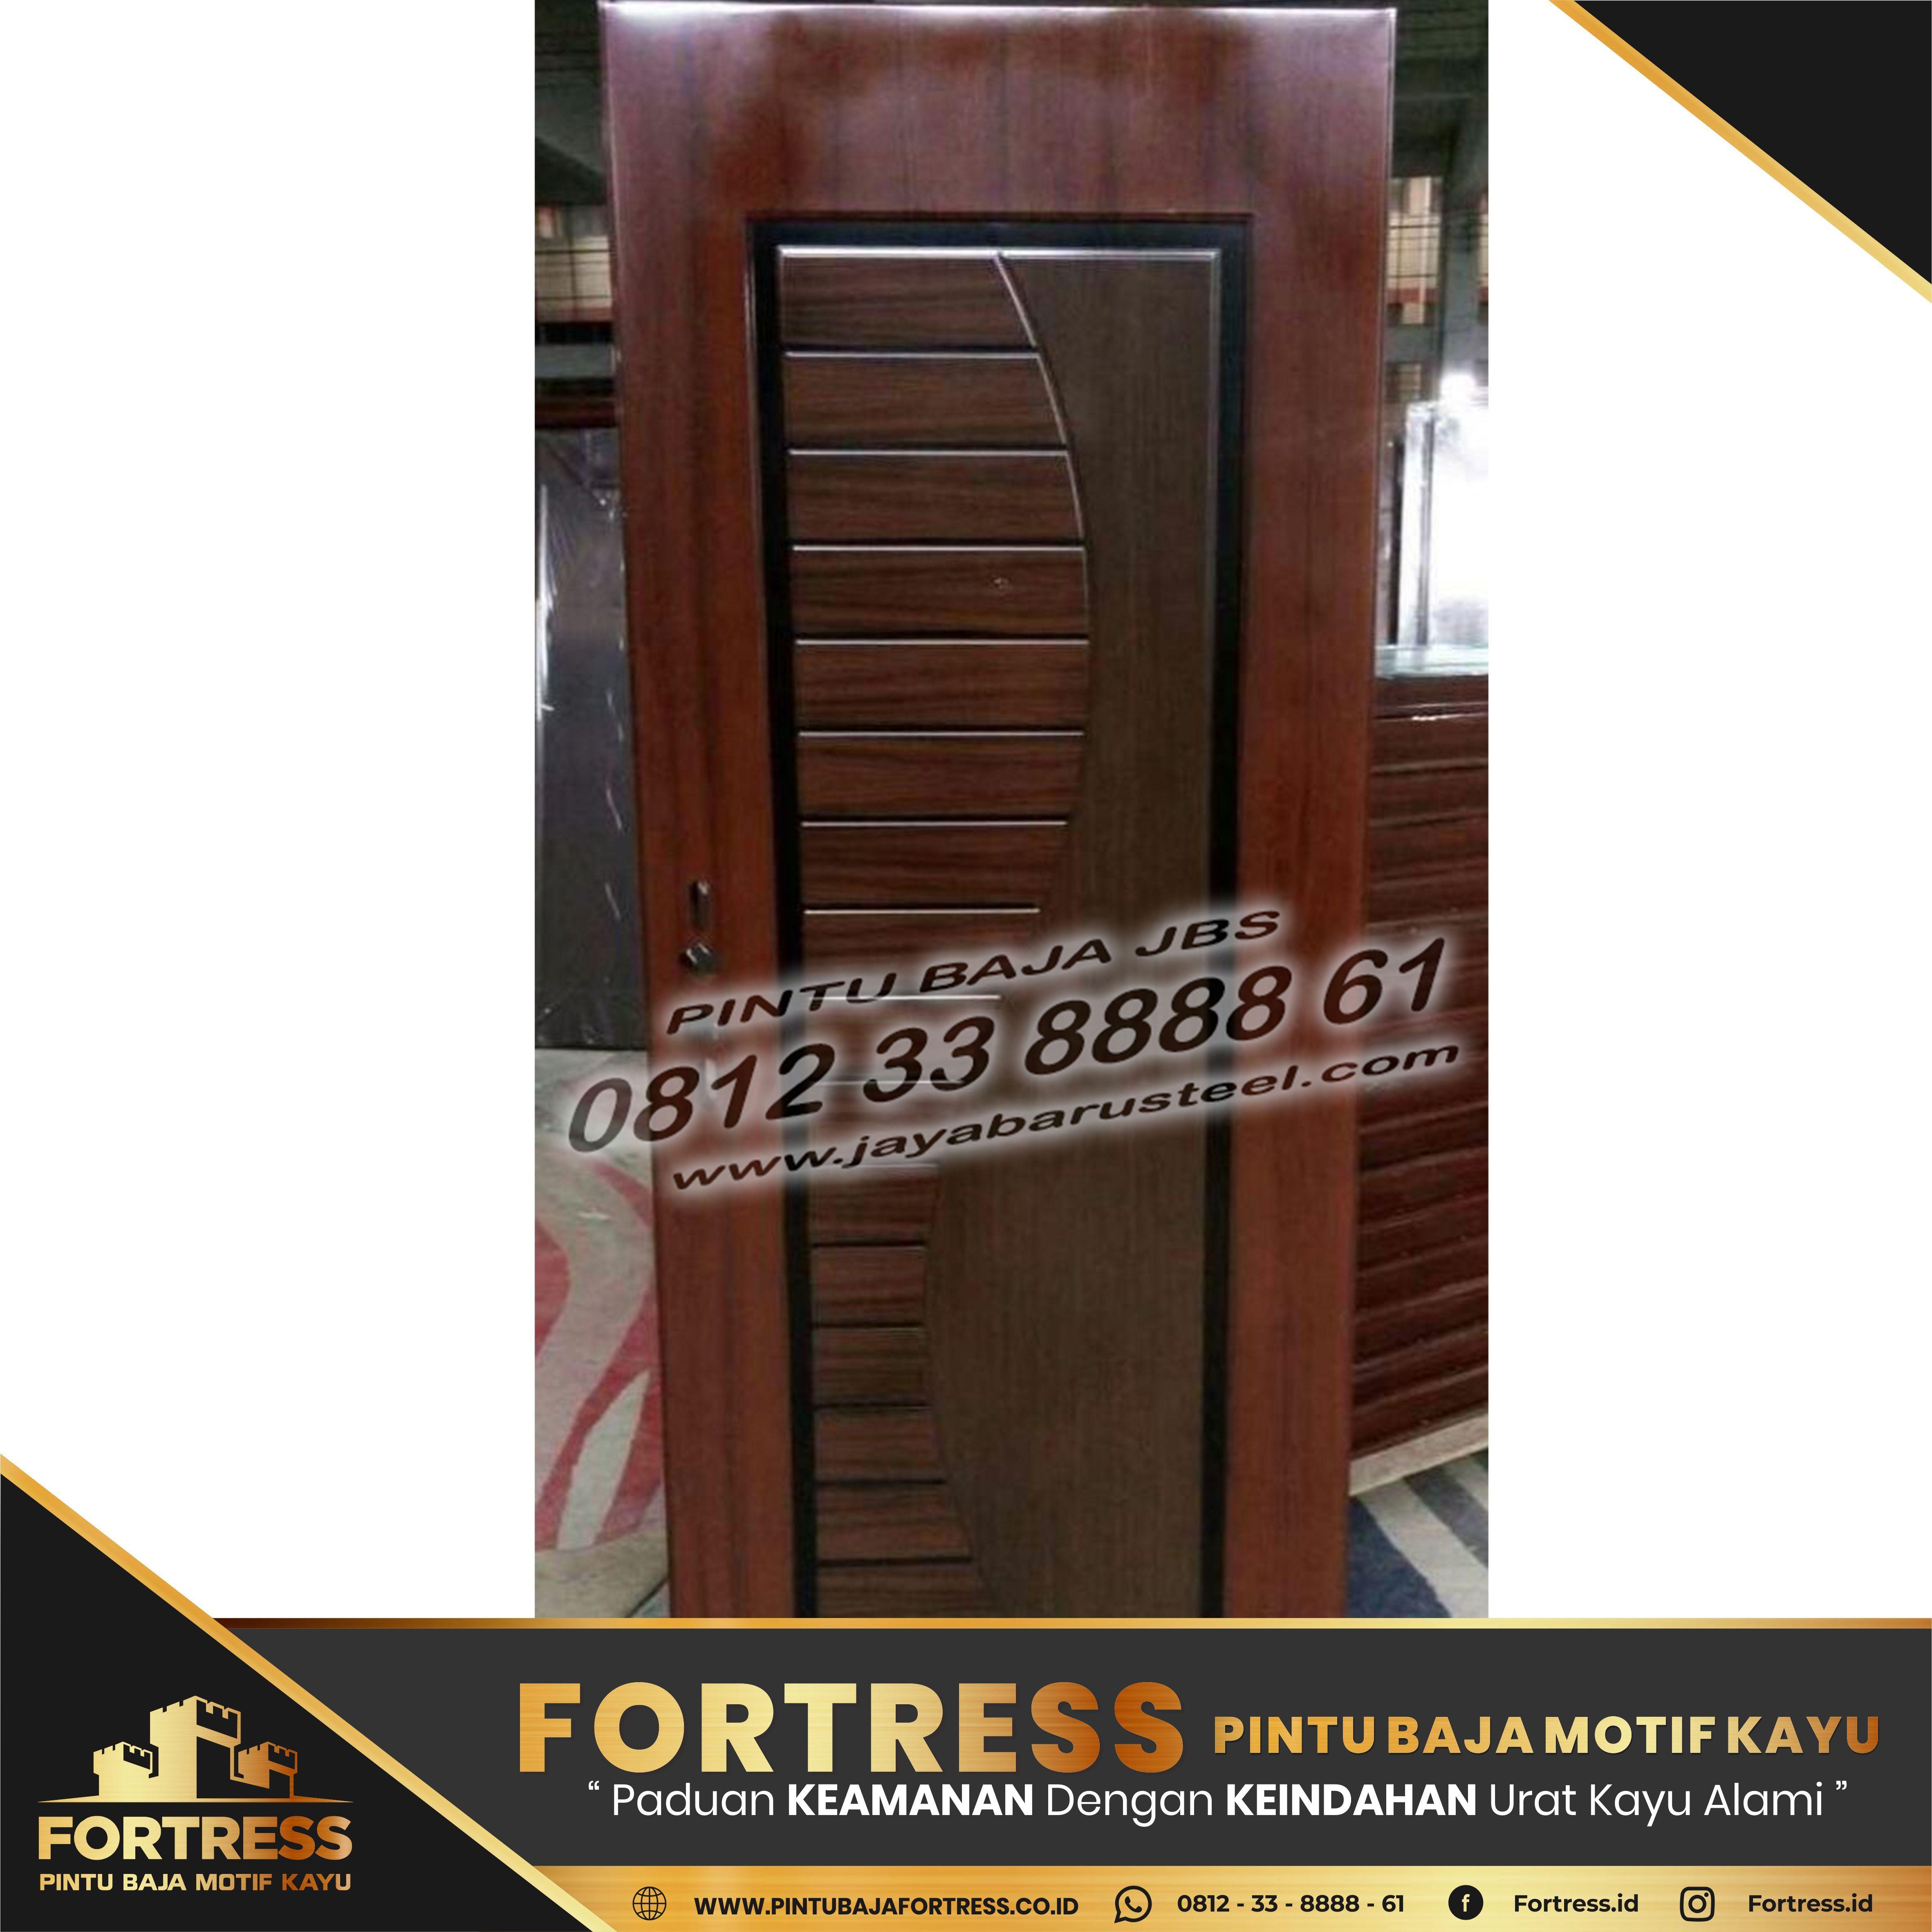 0812 91 6261 07 Fortress Batam Steel Plate Doors 0812 91 6261 07 Fortress Pintu Plat Baja Batam Batam Steel Plate Doors B In 2020 Steel Doors Doors Steel Panels